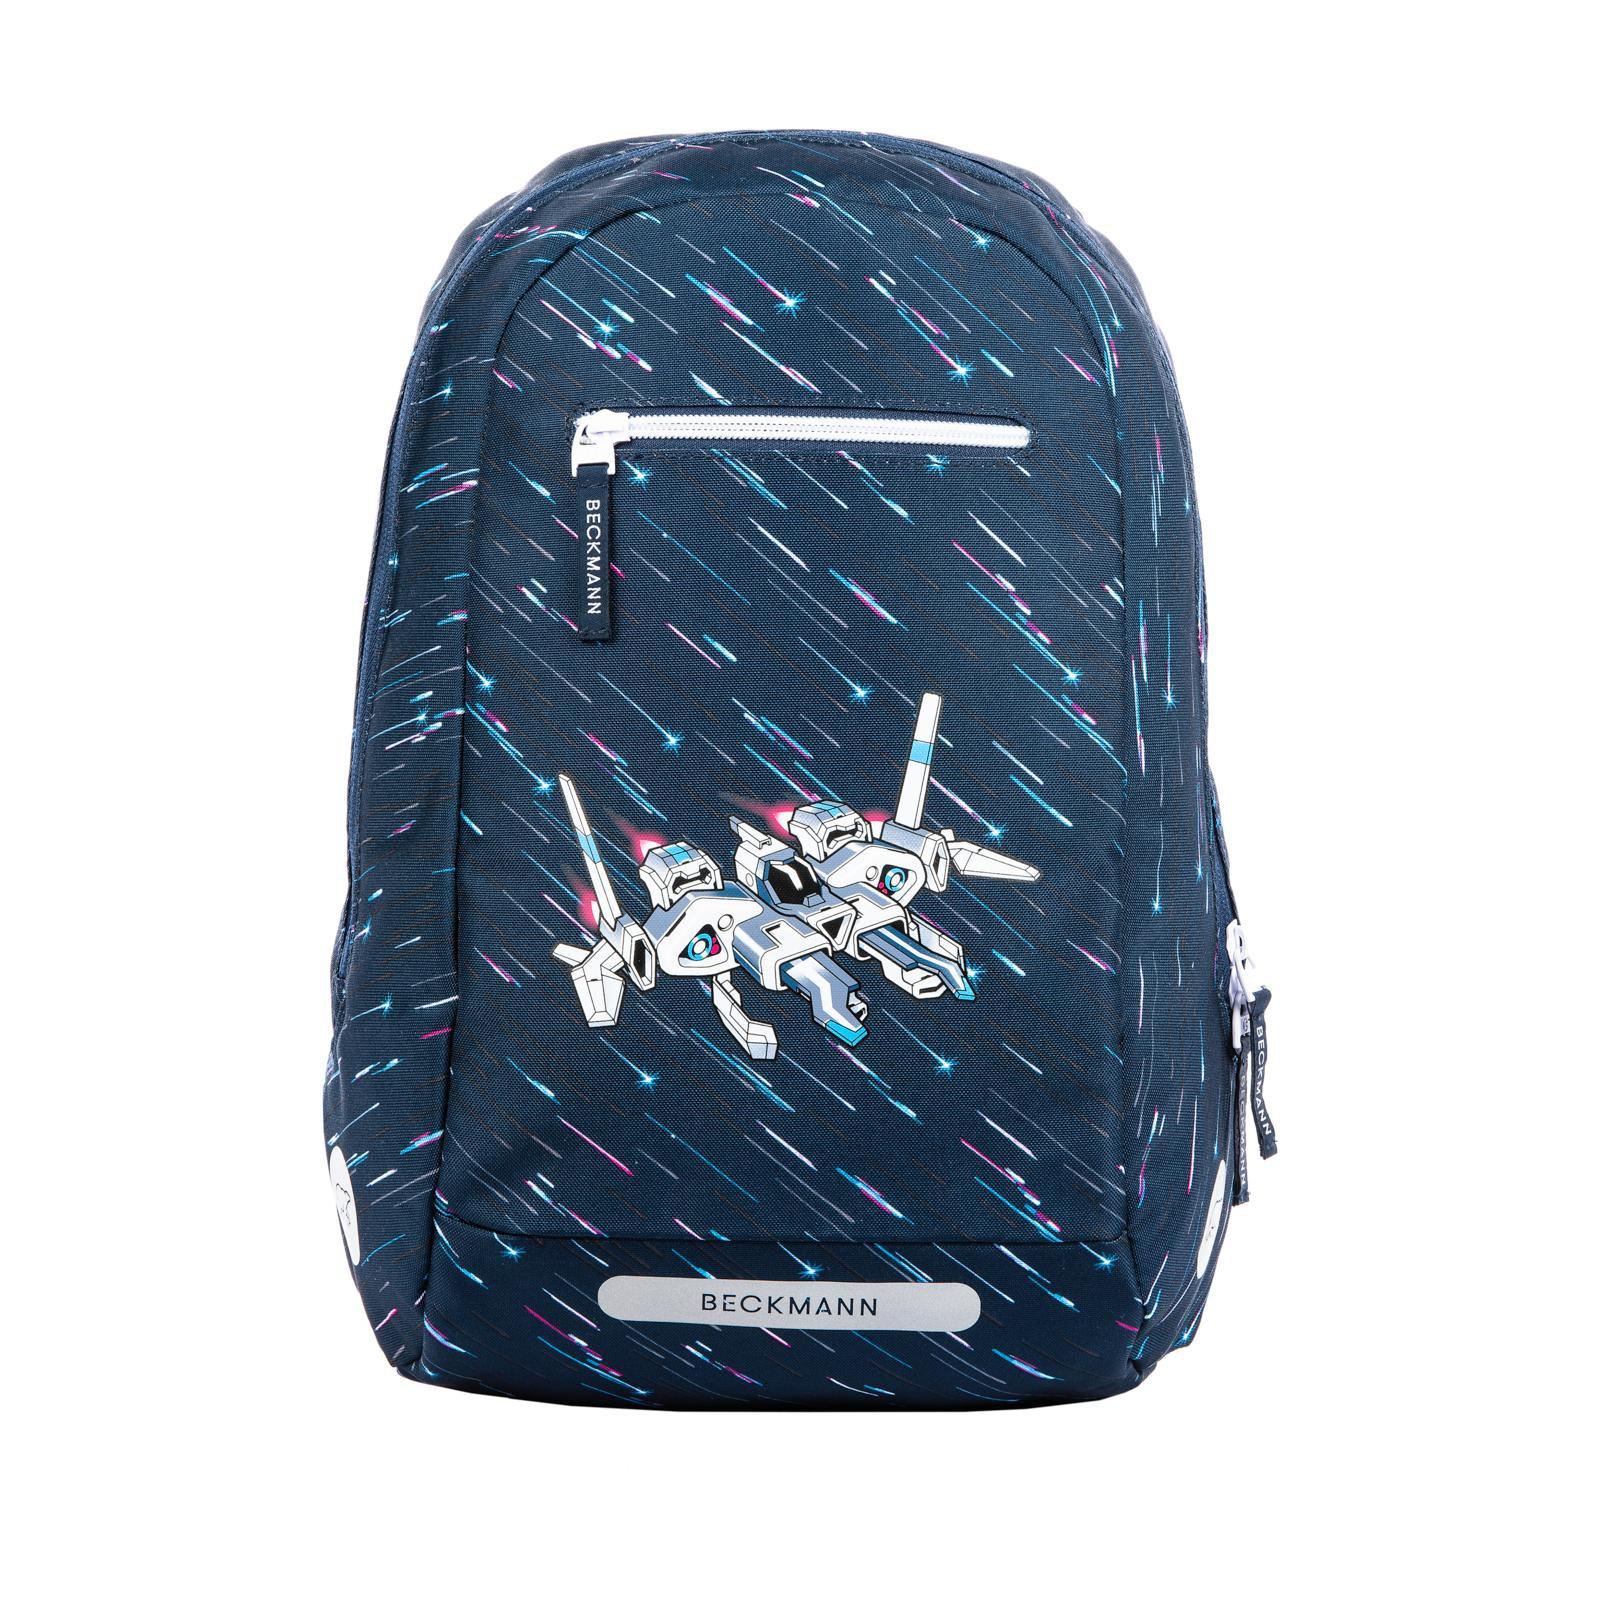 Рюкзак beckmann 7049981110332 цена и фото